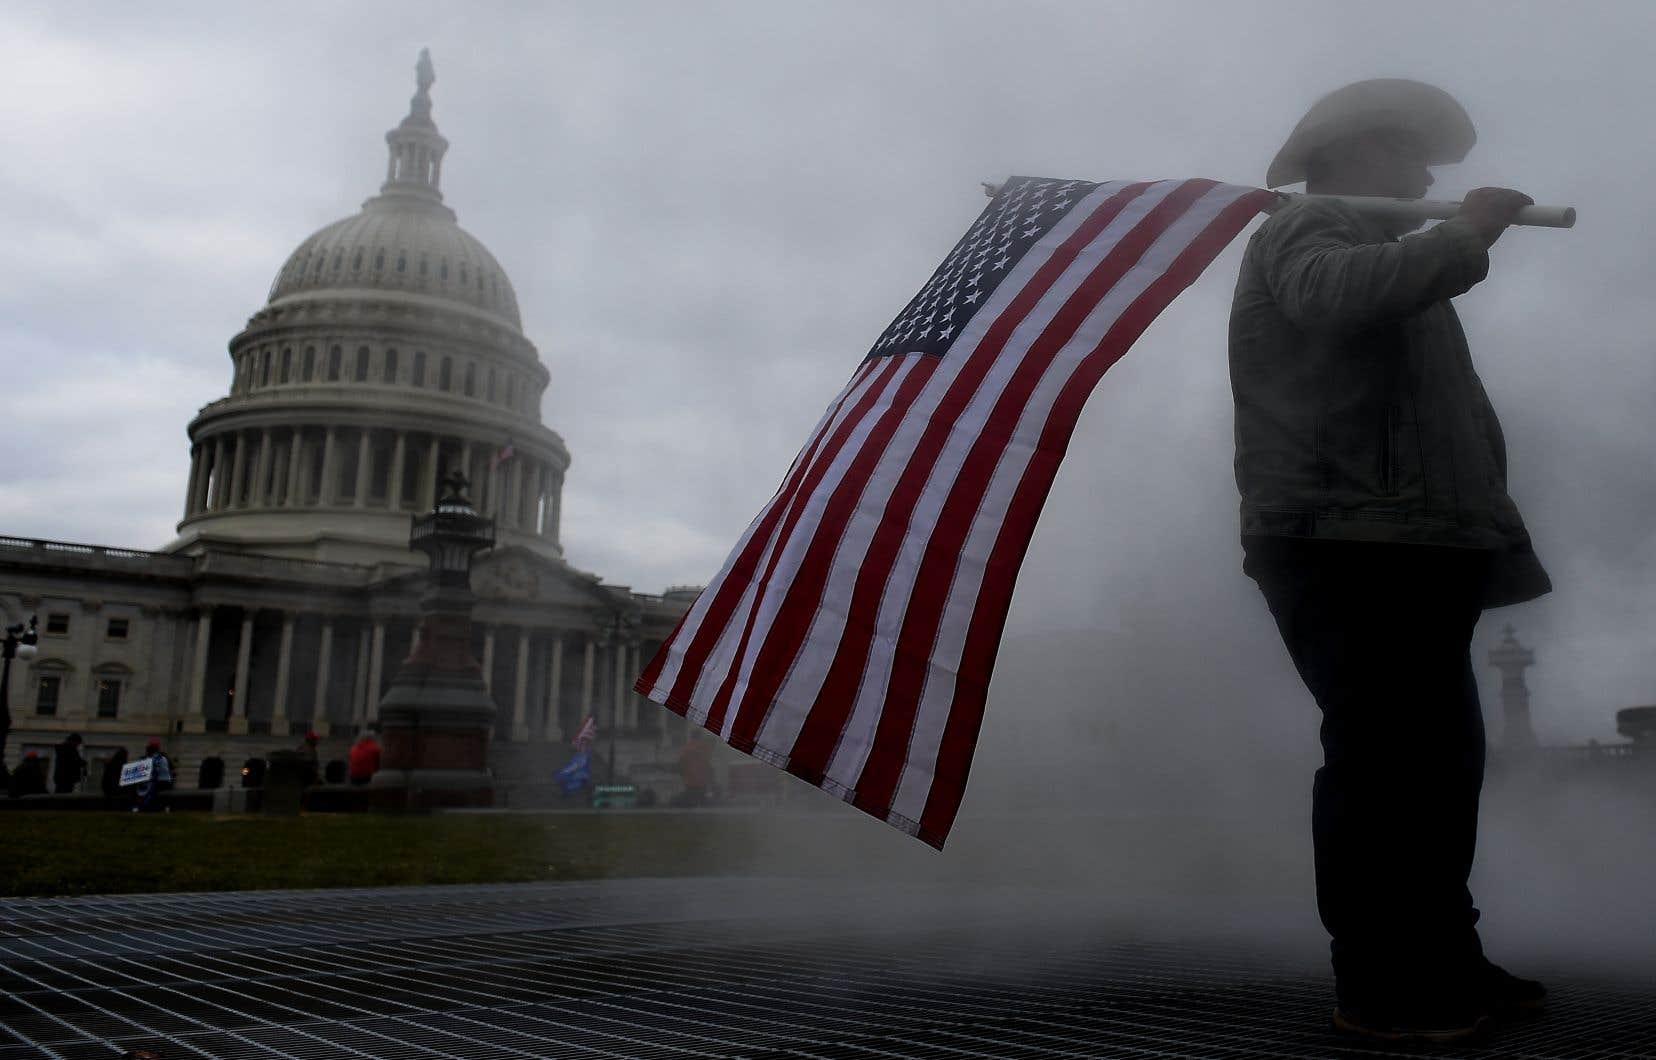 La nouvelle procédure en destitution de Donald Trump est soutenue par 53% des Américains et alimente également la ligne de fracture entre les partisans des deux partis politiques, ont révélé mercredi les données du sondage Morning Consult mené pour le compte de Politico.